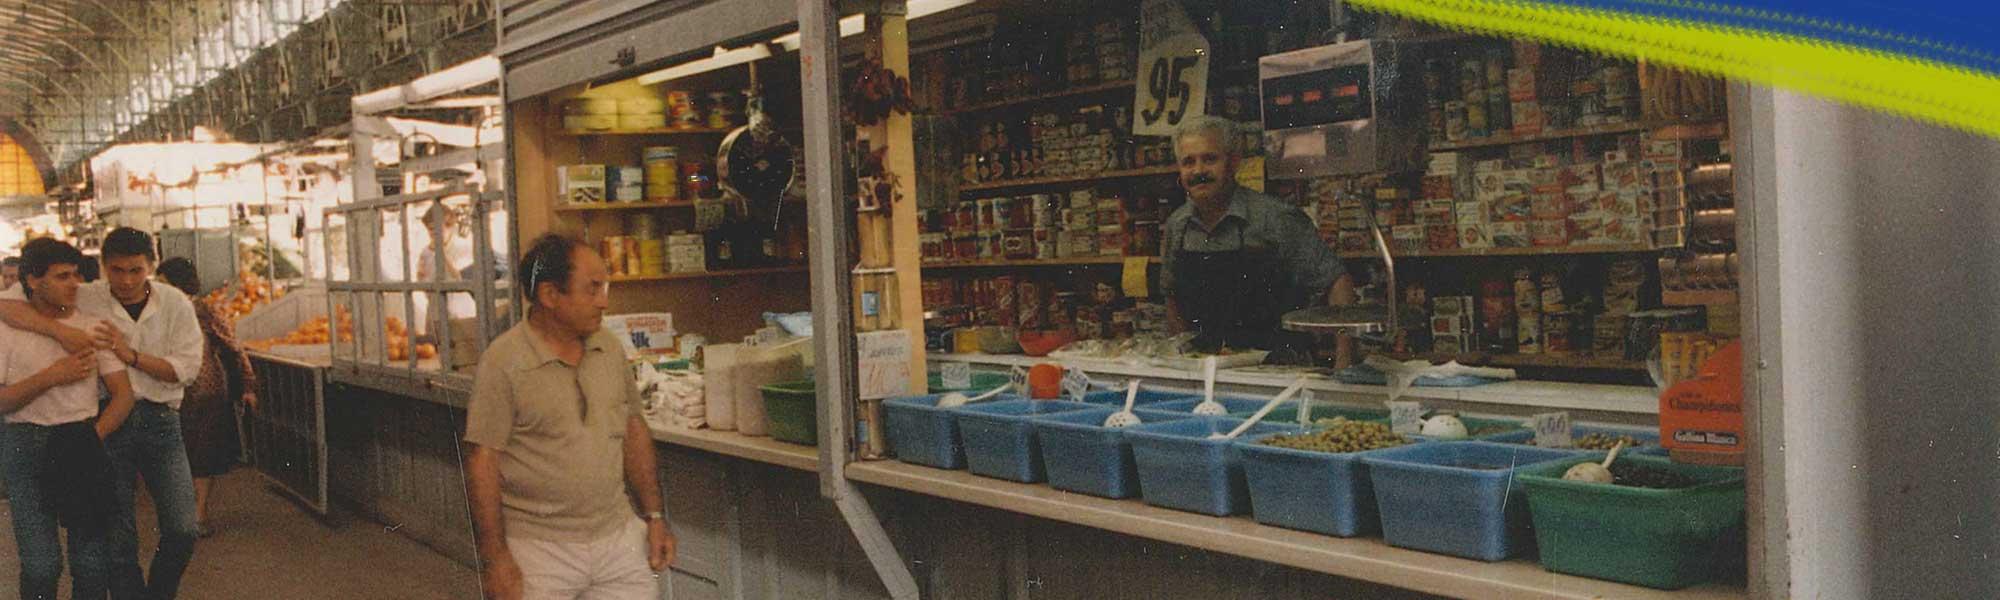 Rezusta en el Mercado Central de Zaragoza